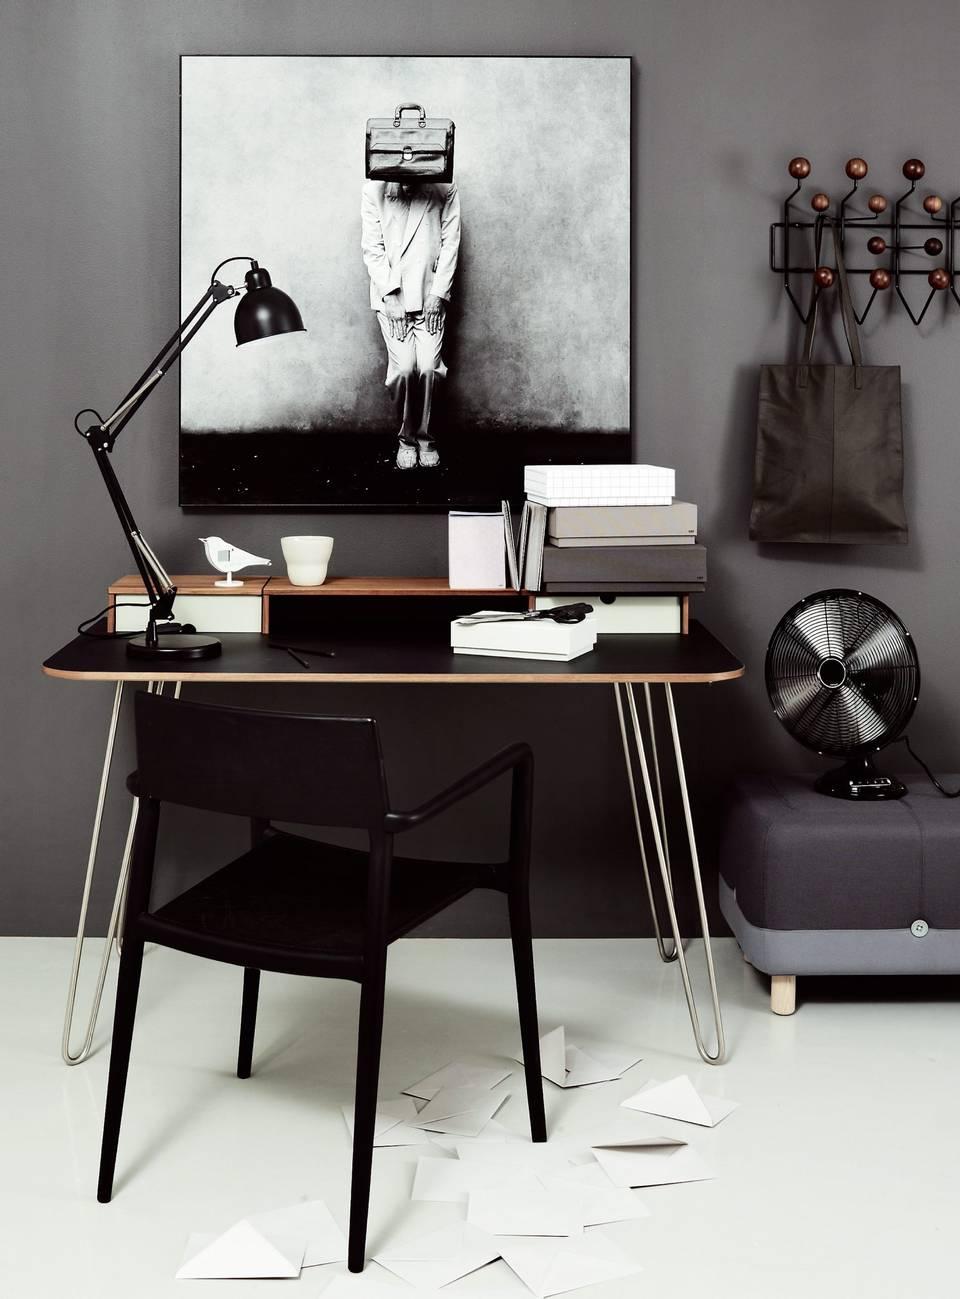 рабочее место, домашний офис, дизайн, скандинавский